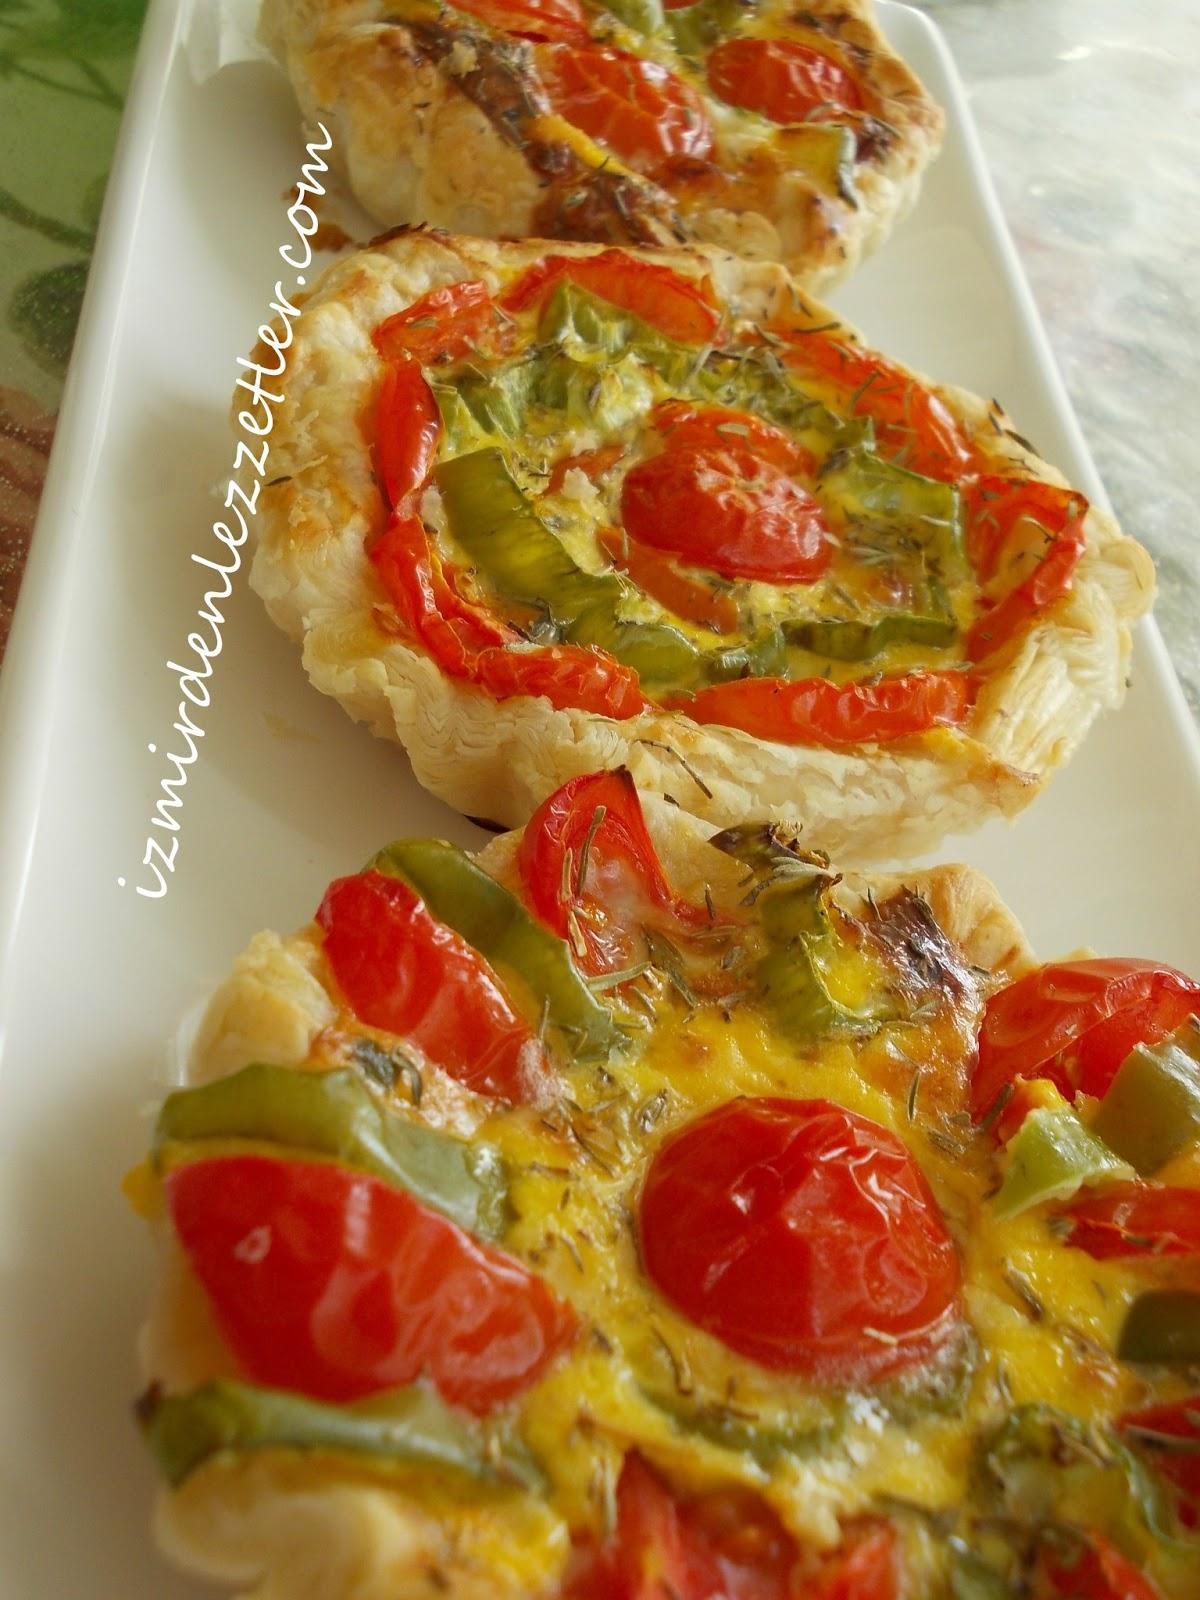 Beyaz peynirli domates çanağı tarifi